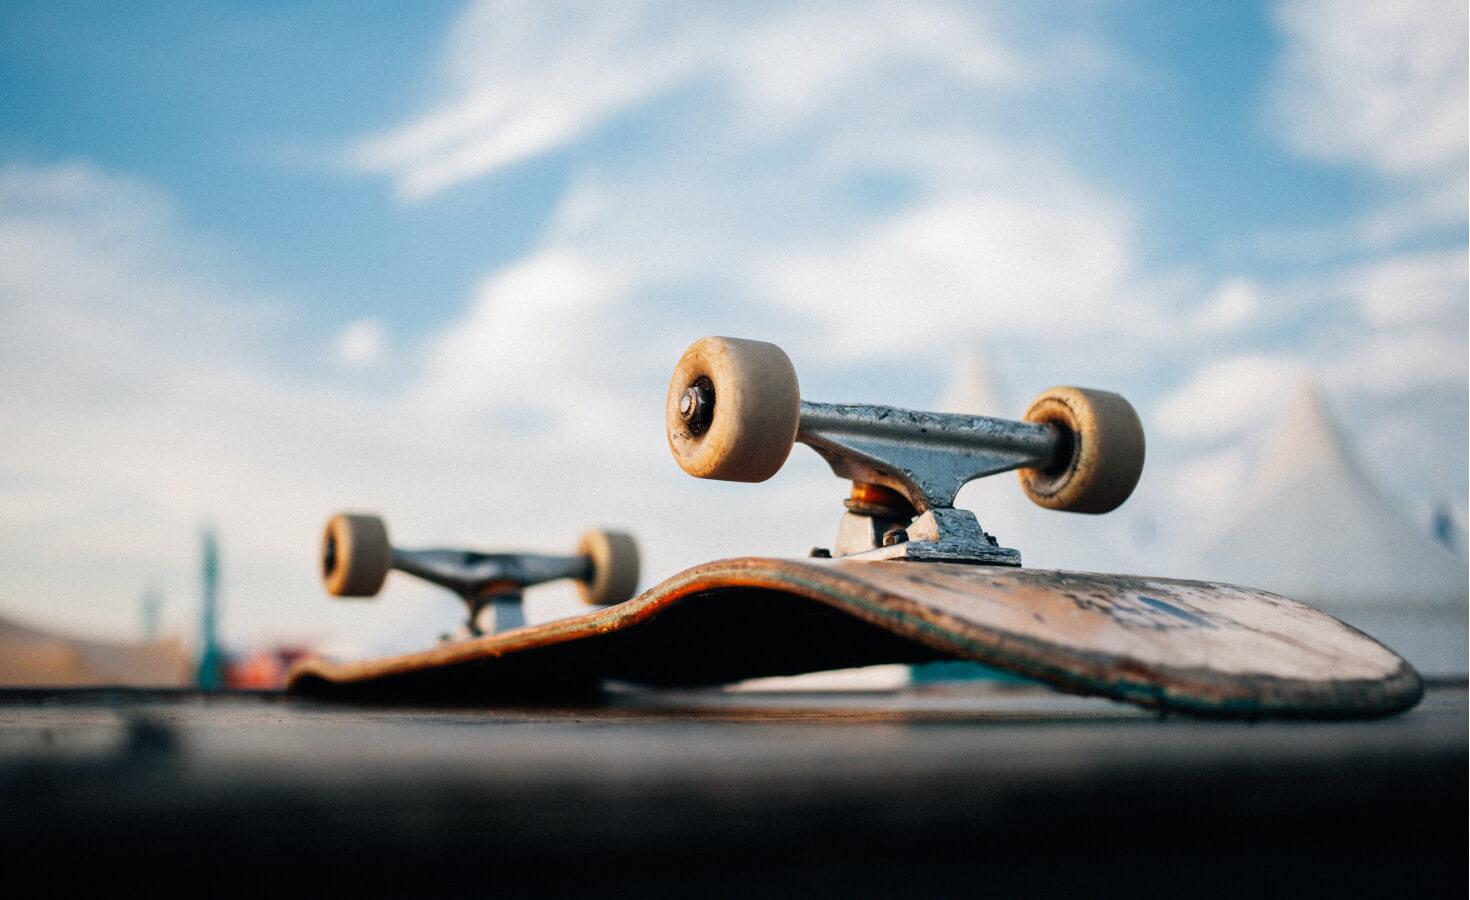 Skateboard ondersteboven op asfalt